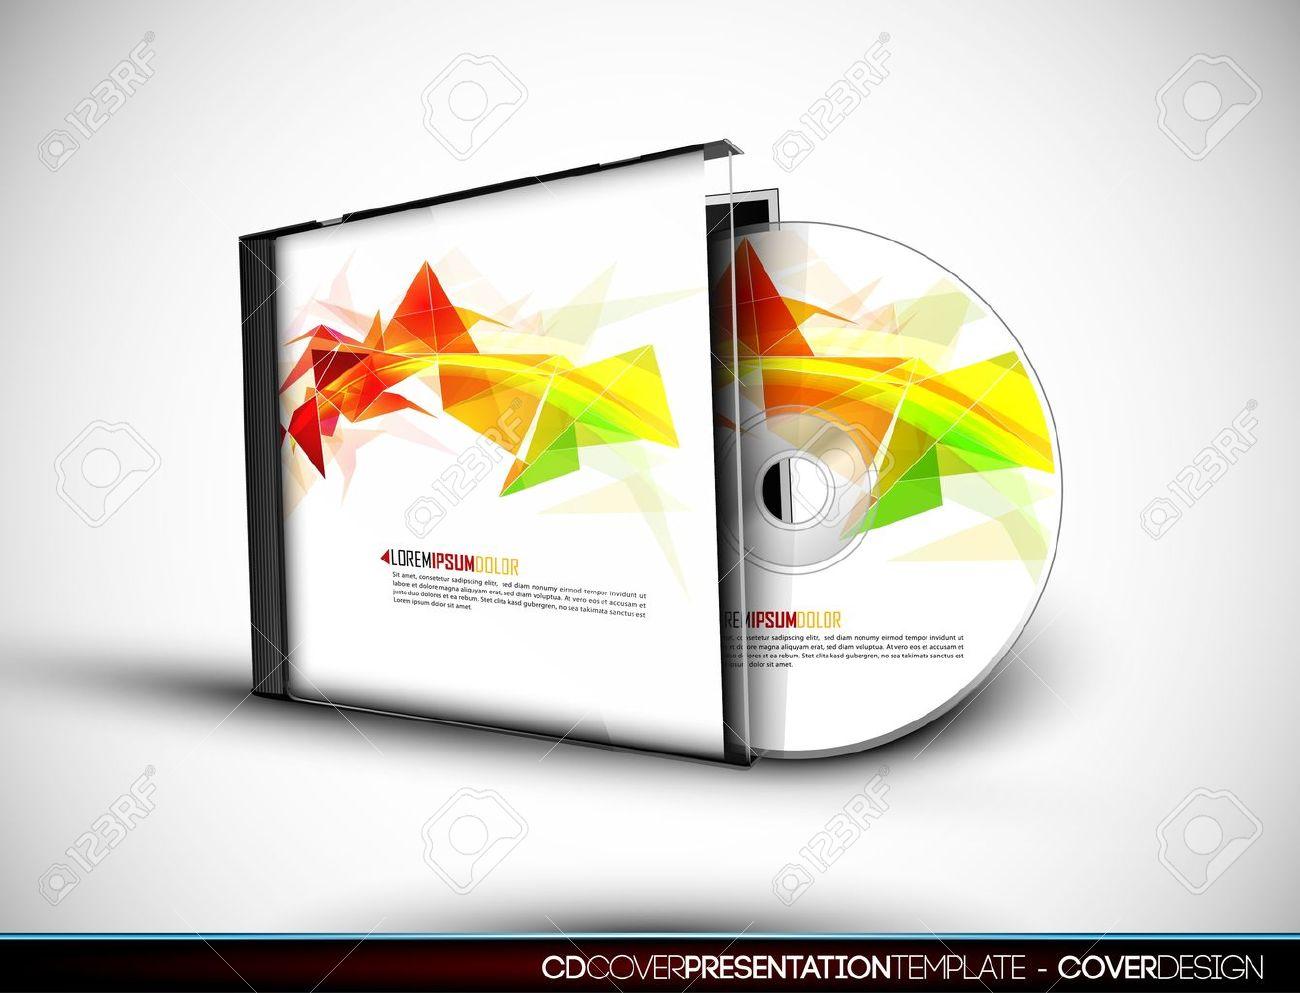 CD Cover Design Con Plantilla De Presentación 3D Ilustraciones ...